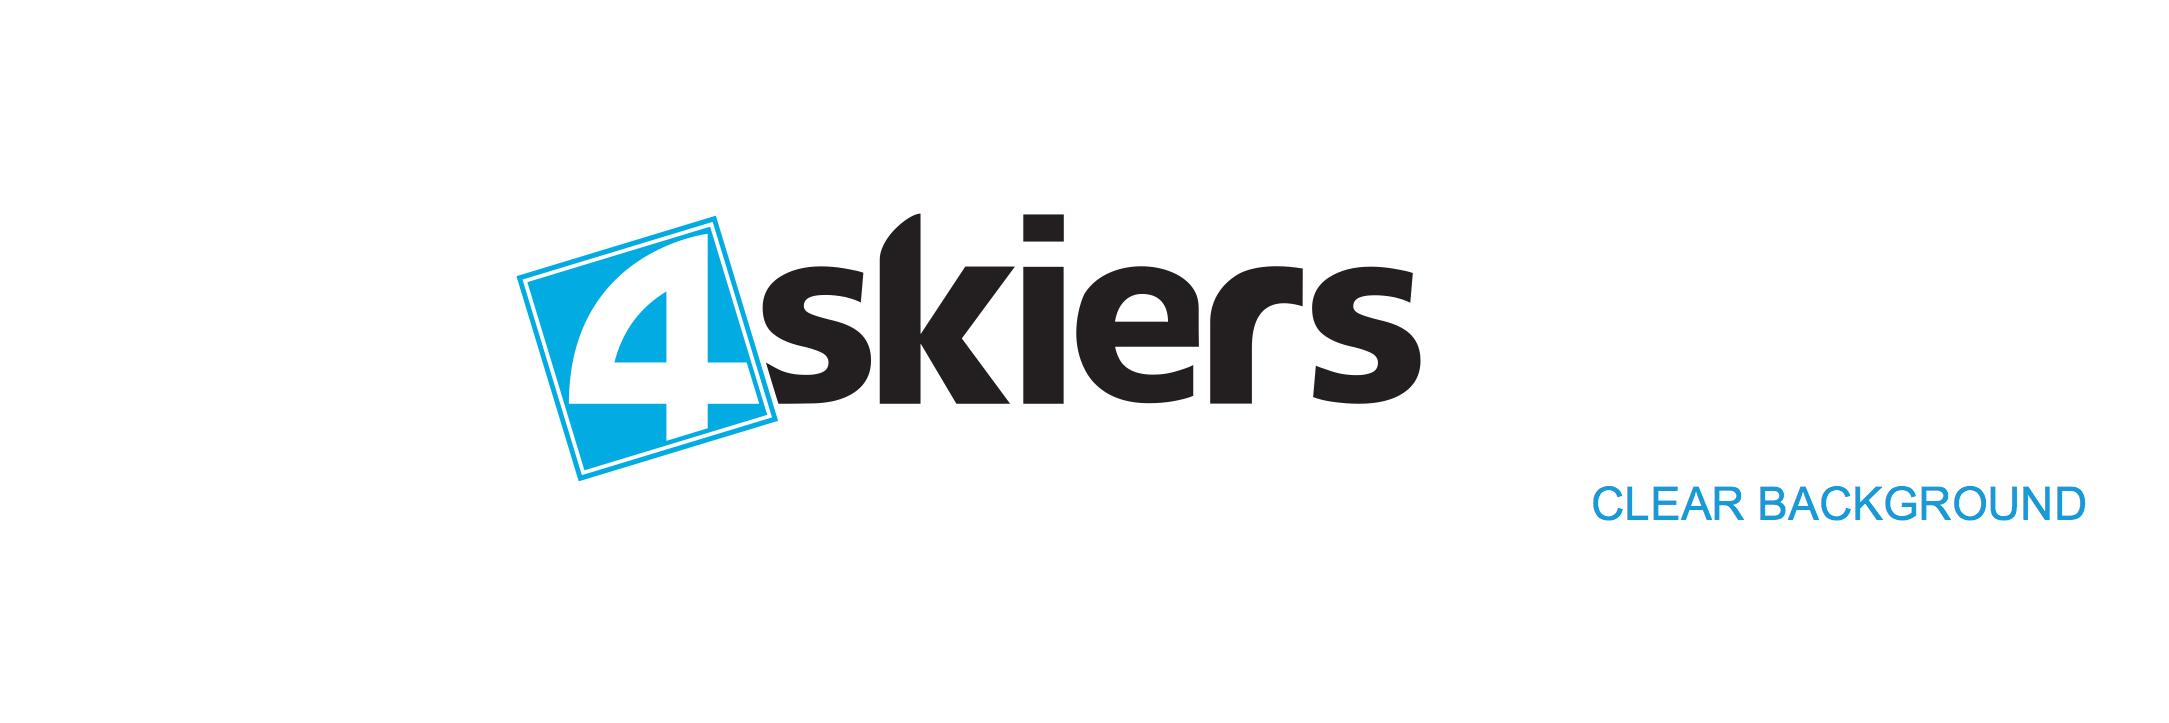 4skiers logo colorato sito